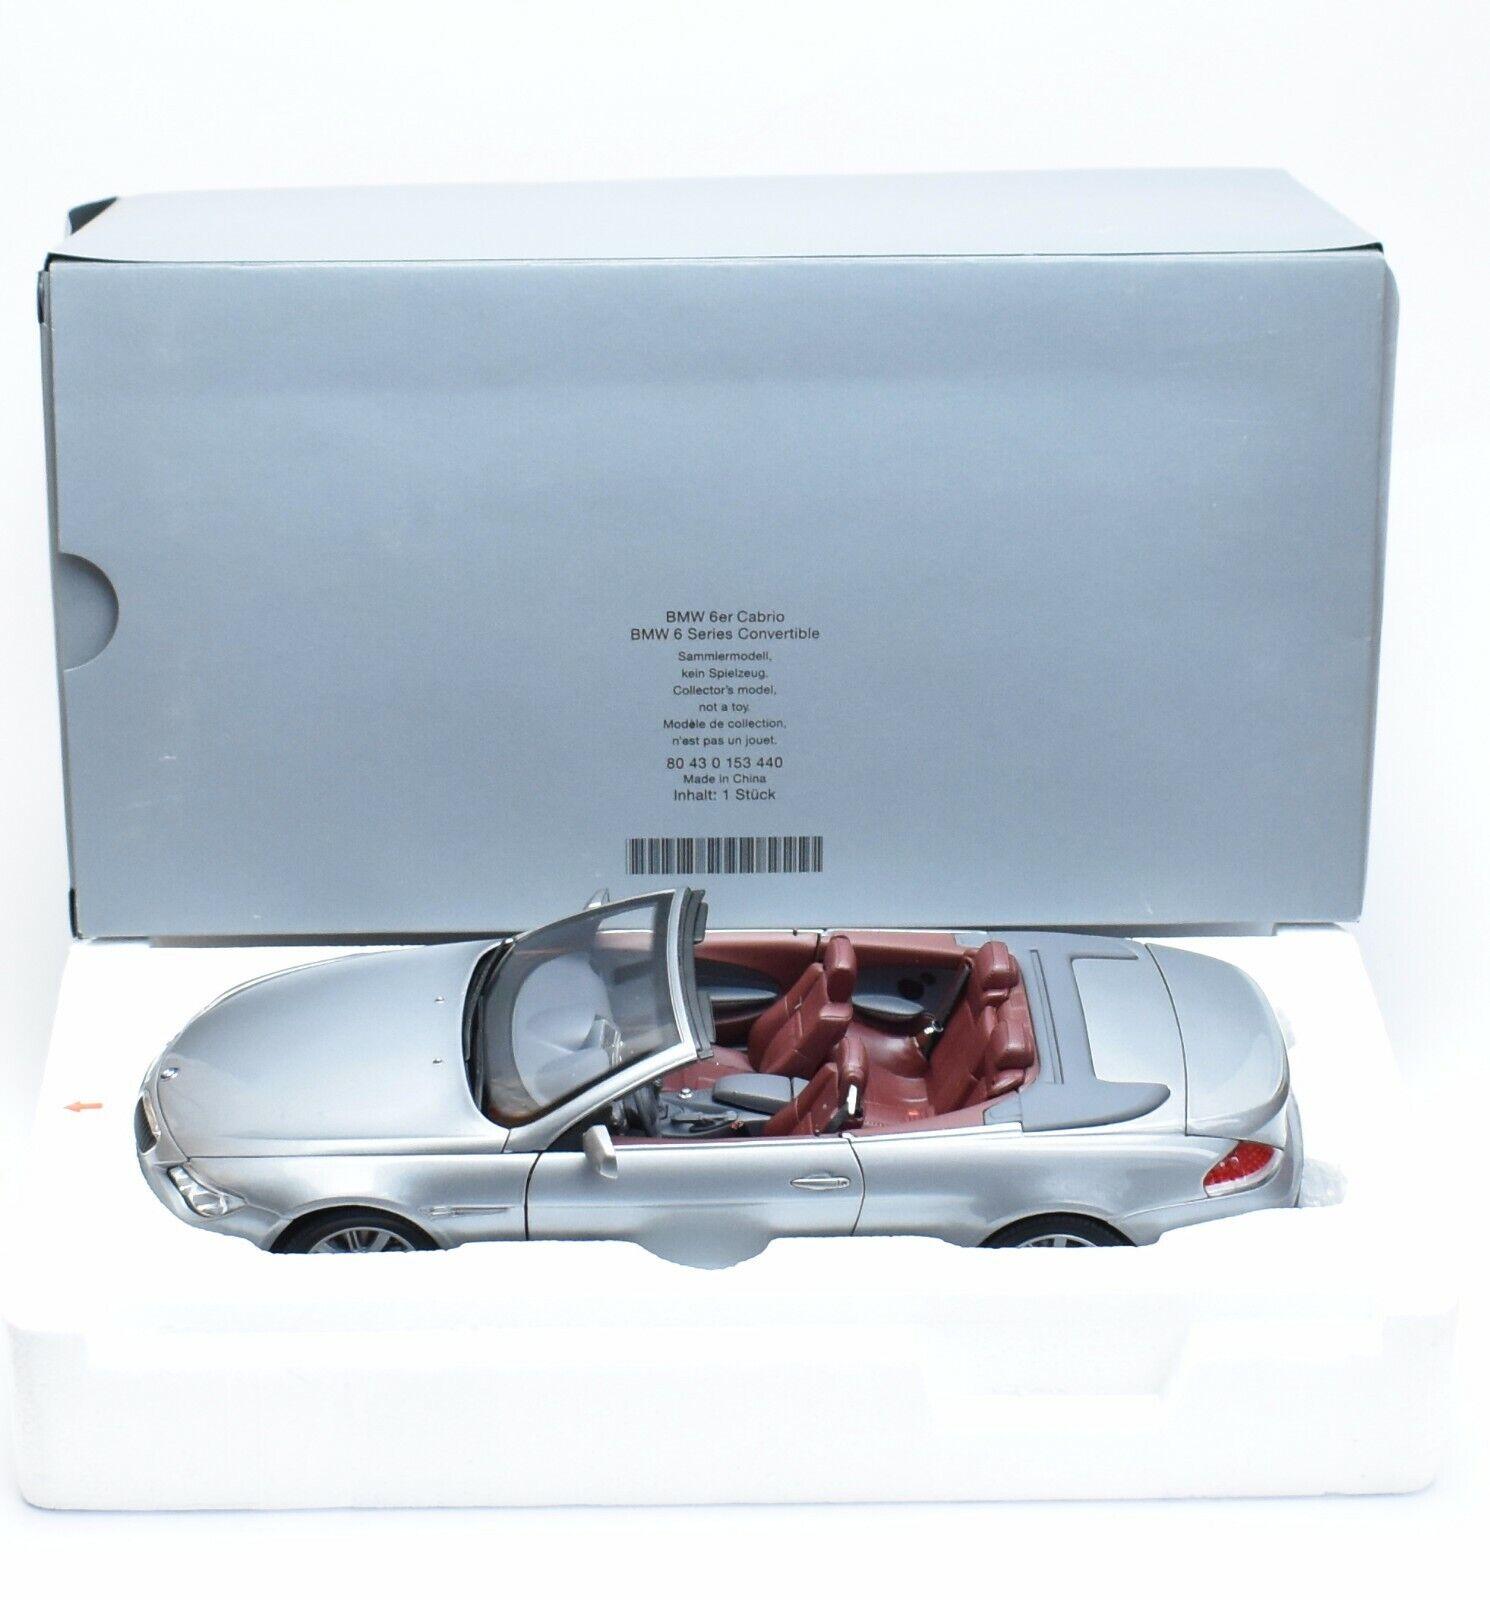 oferta de tienda Kyosho 80430153440 bmw 6er cabriolet en gris plata lacados, lacados, lacados, 1 18, embalaje original, k006  calidad de primera clase